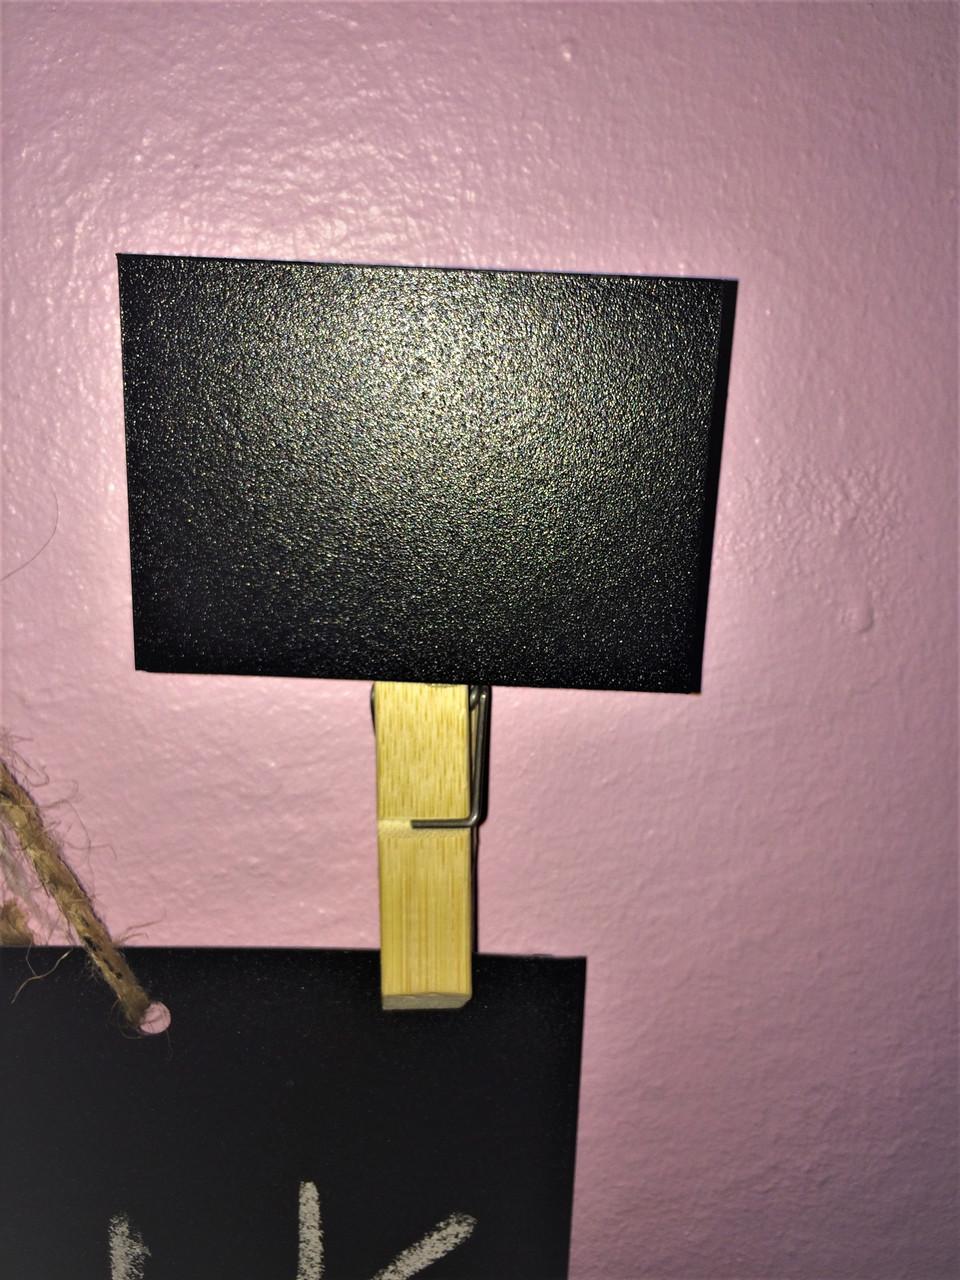 Меловой ценник 5х7 см с прищепкой-держателем для надписей мелом и маркером. Грифельная табличка на прищепке